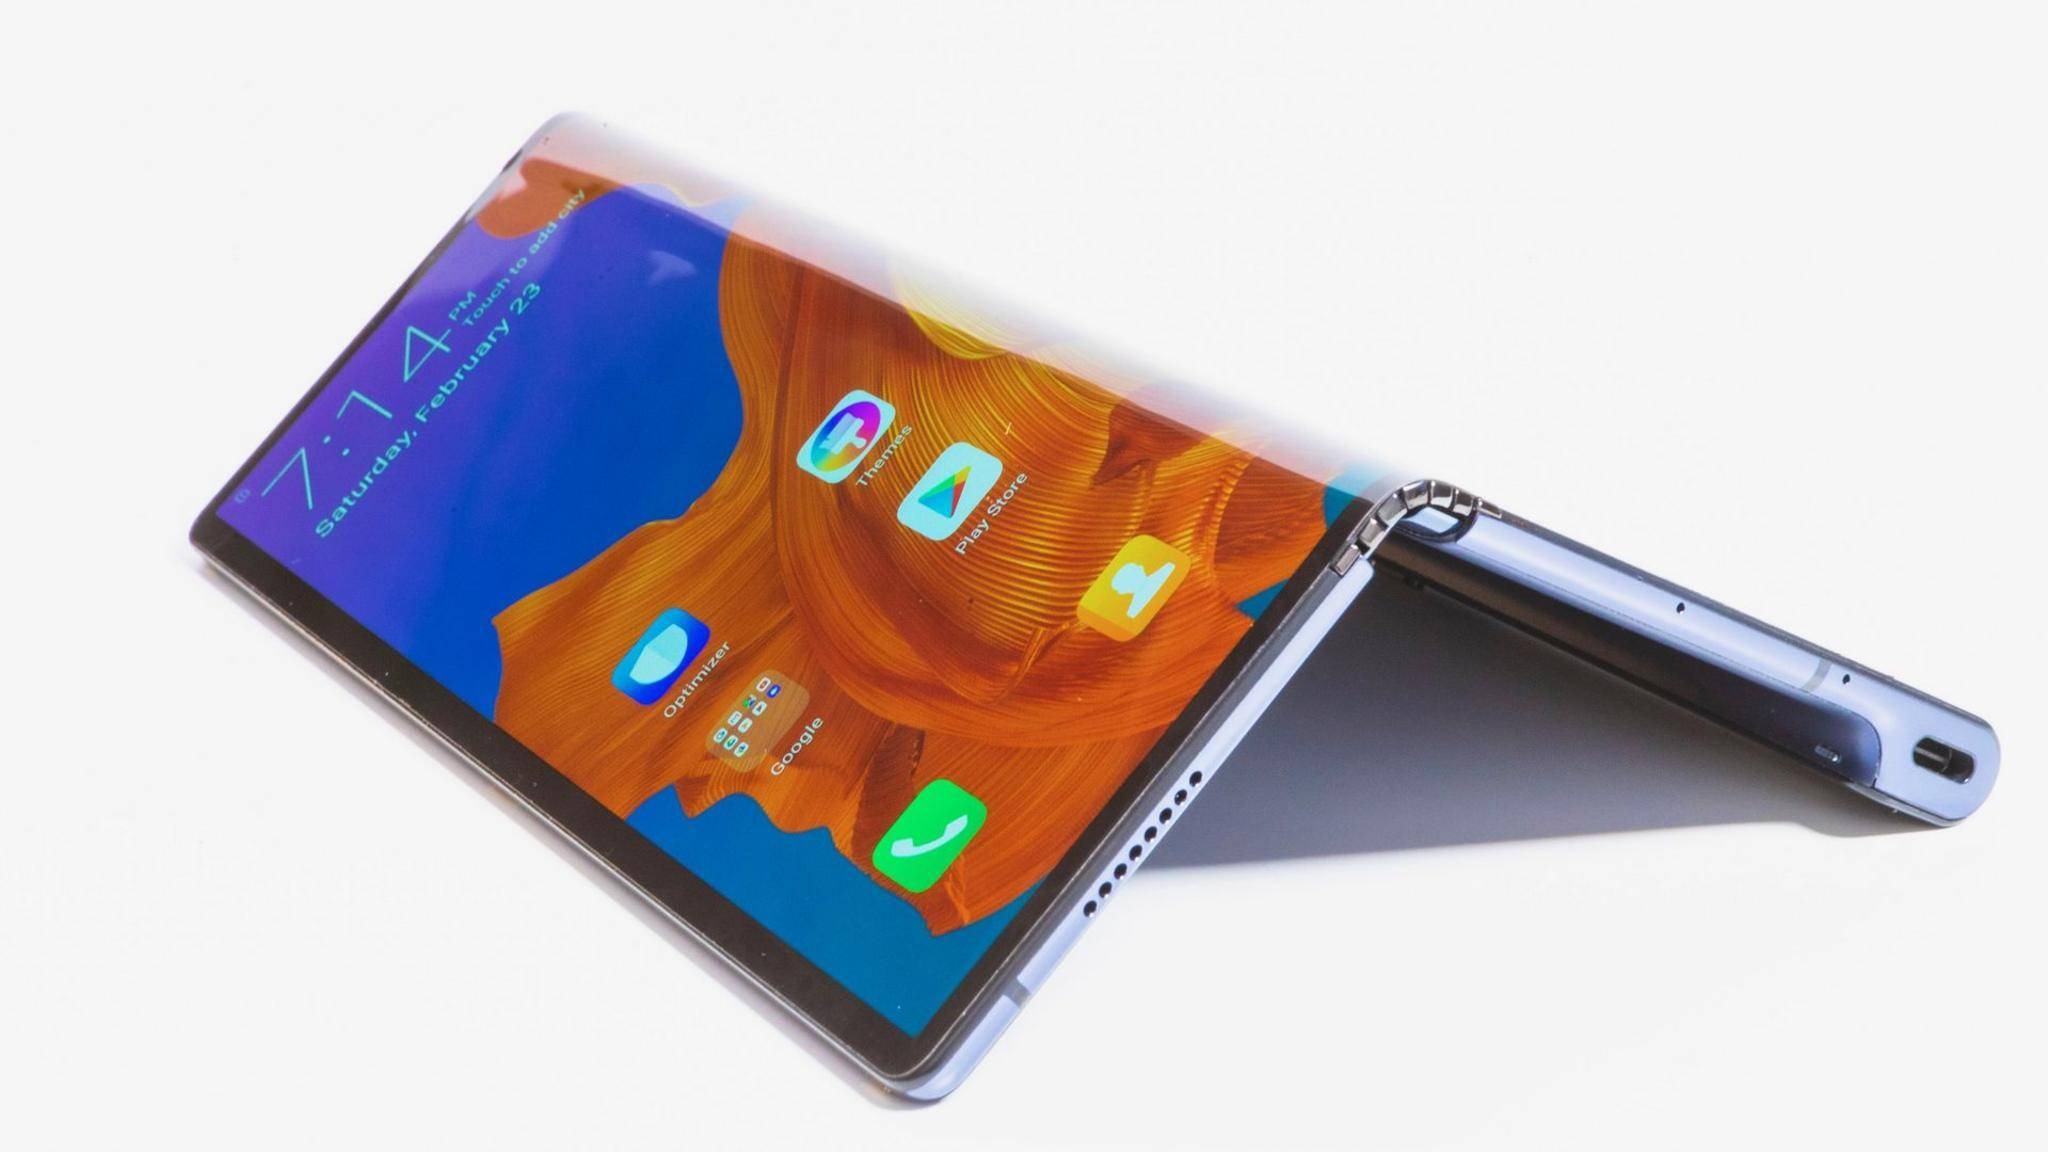 Statt im Juni soll das faltbare Smartphone Huawei Mate X nun im Herbst auf den Markt kommen.